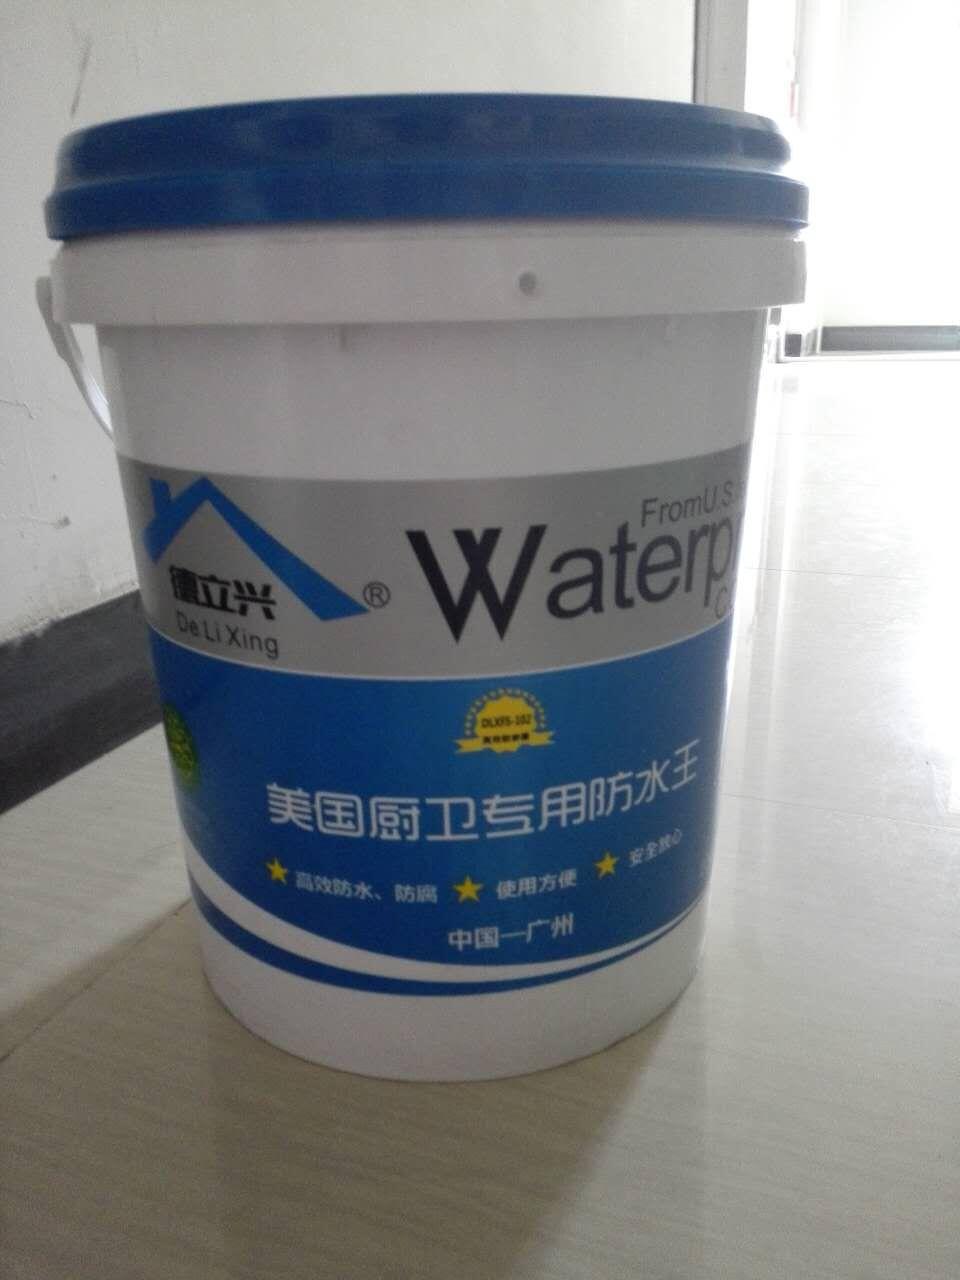 厨卫防水多少钱广州德立兴家装防水一线品